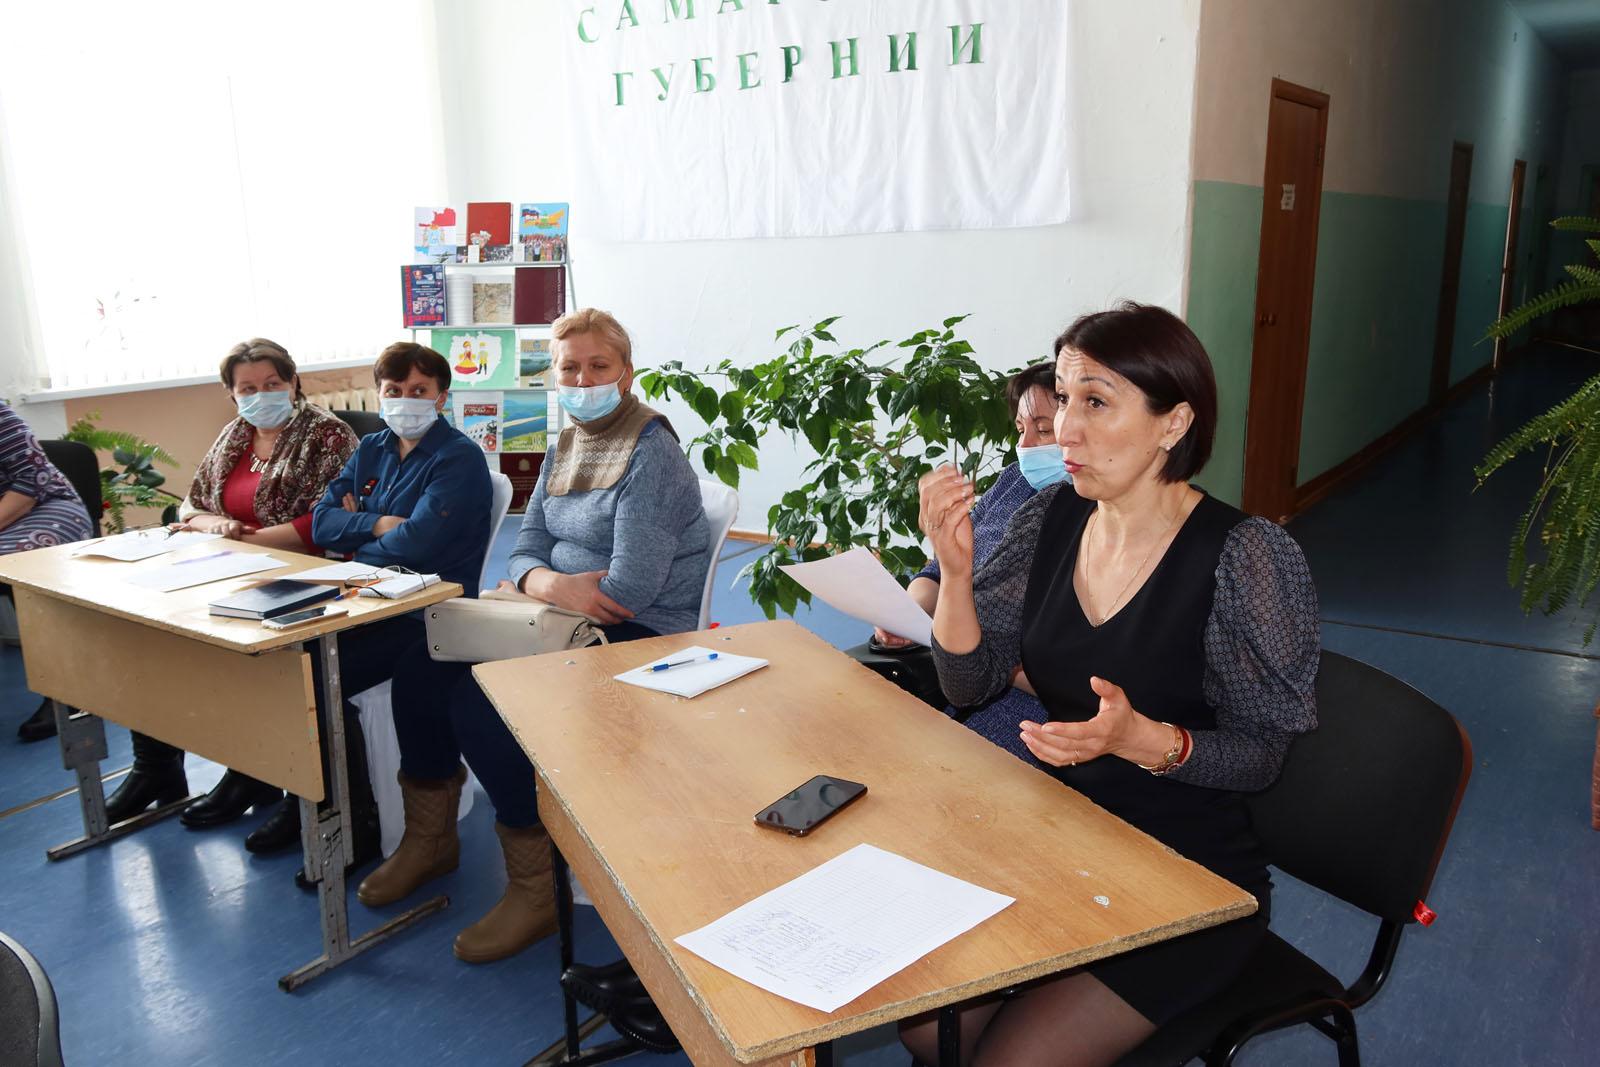 Круглый стол по вопросами взаимодействия НКО и ОМСУ в Камышлинском районе 10.03.21